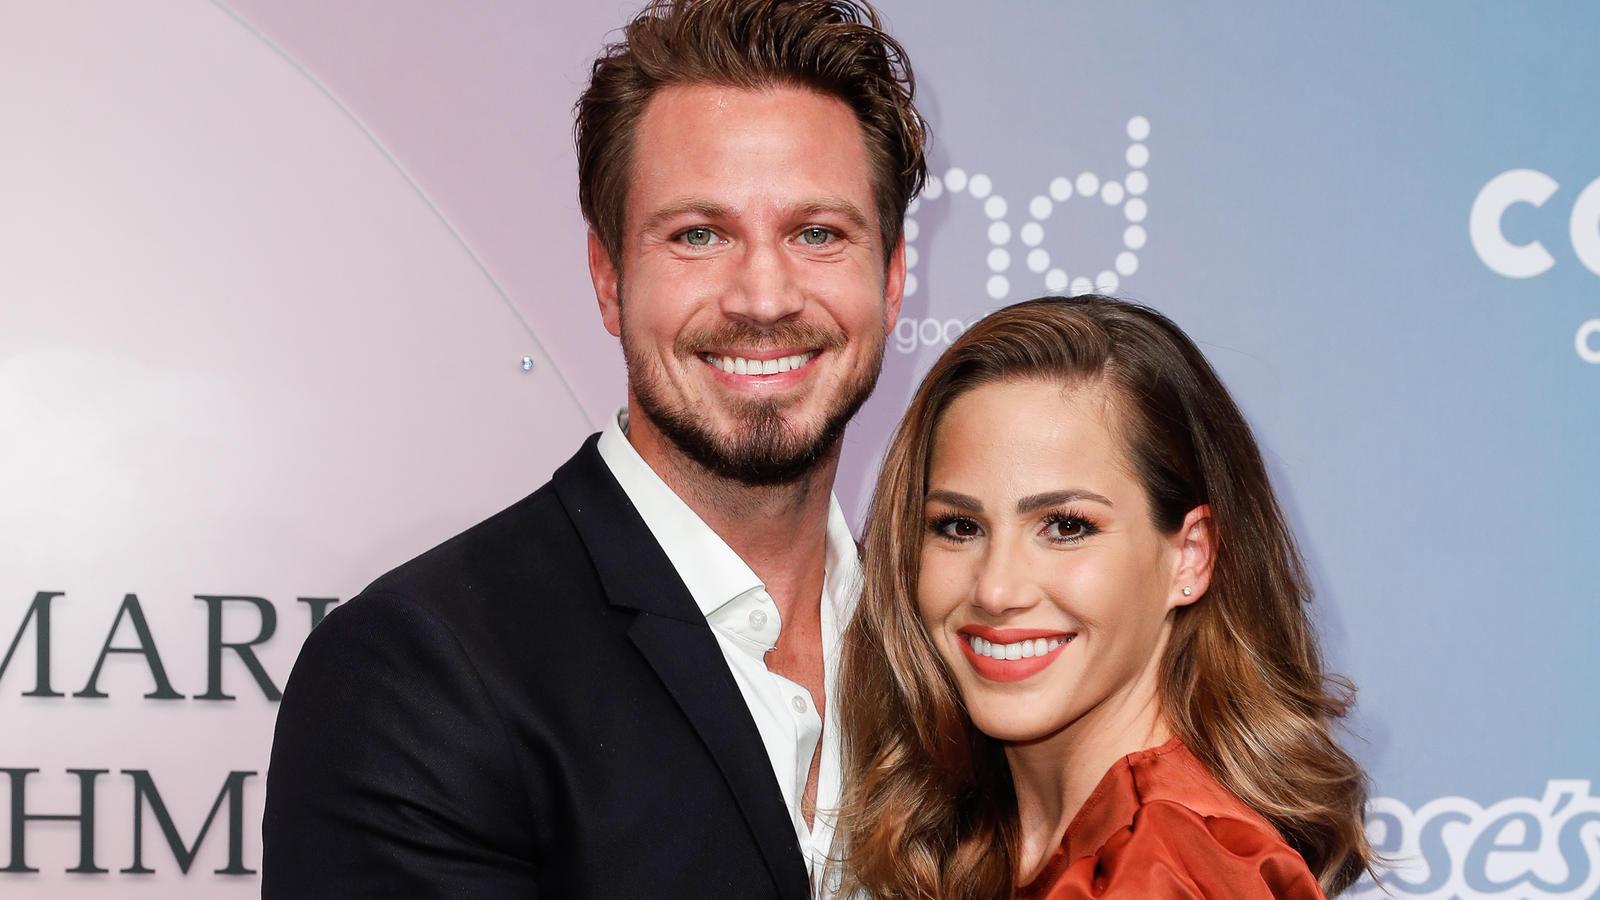 Bachelor-Paar Sebastian und Angelina Pannek: Seltener Auftritt auf dem roten Teppich